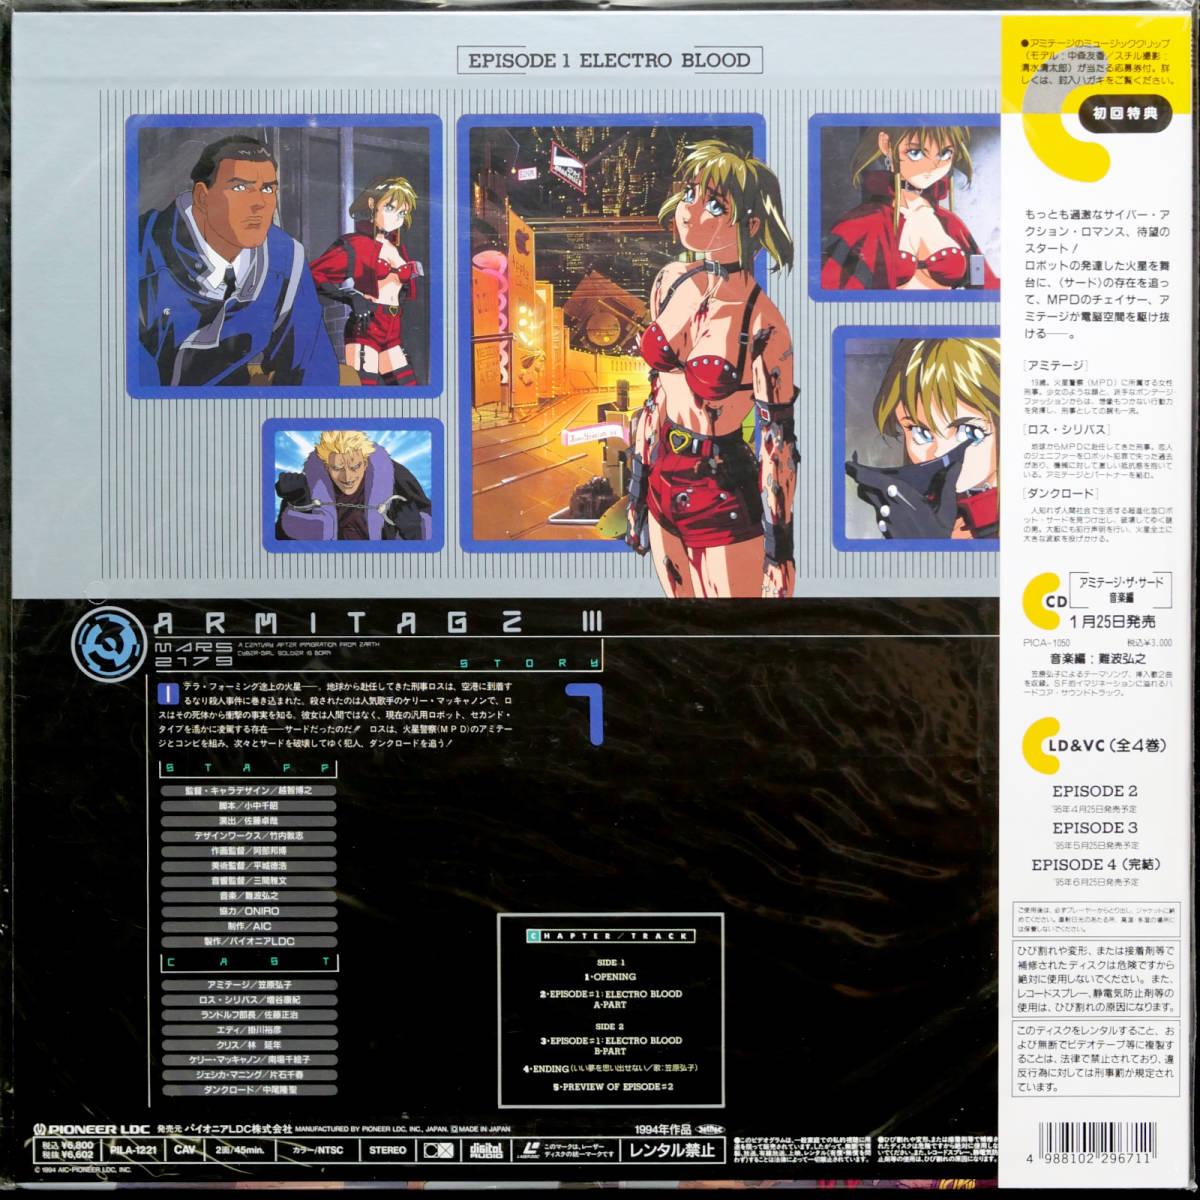 未開封LD アミテージ・ザ・サード 全4巻セット_画像3